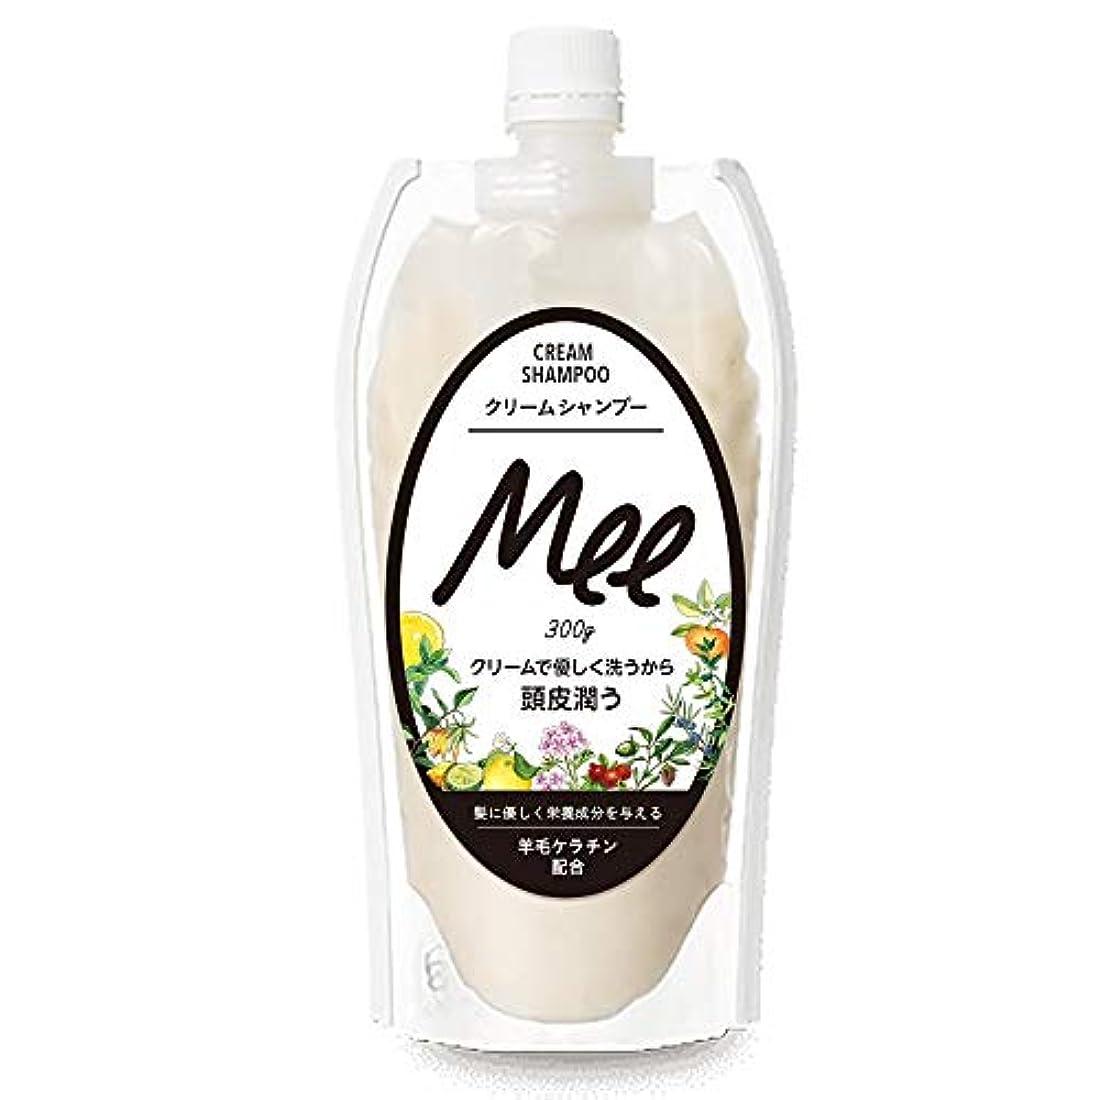 雪加害者けがをする洗えるヘアトリートメント Mee 300g クリームシャンプー 皮脂 乾燥肌 ダメージケア 大容量 時短